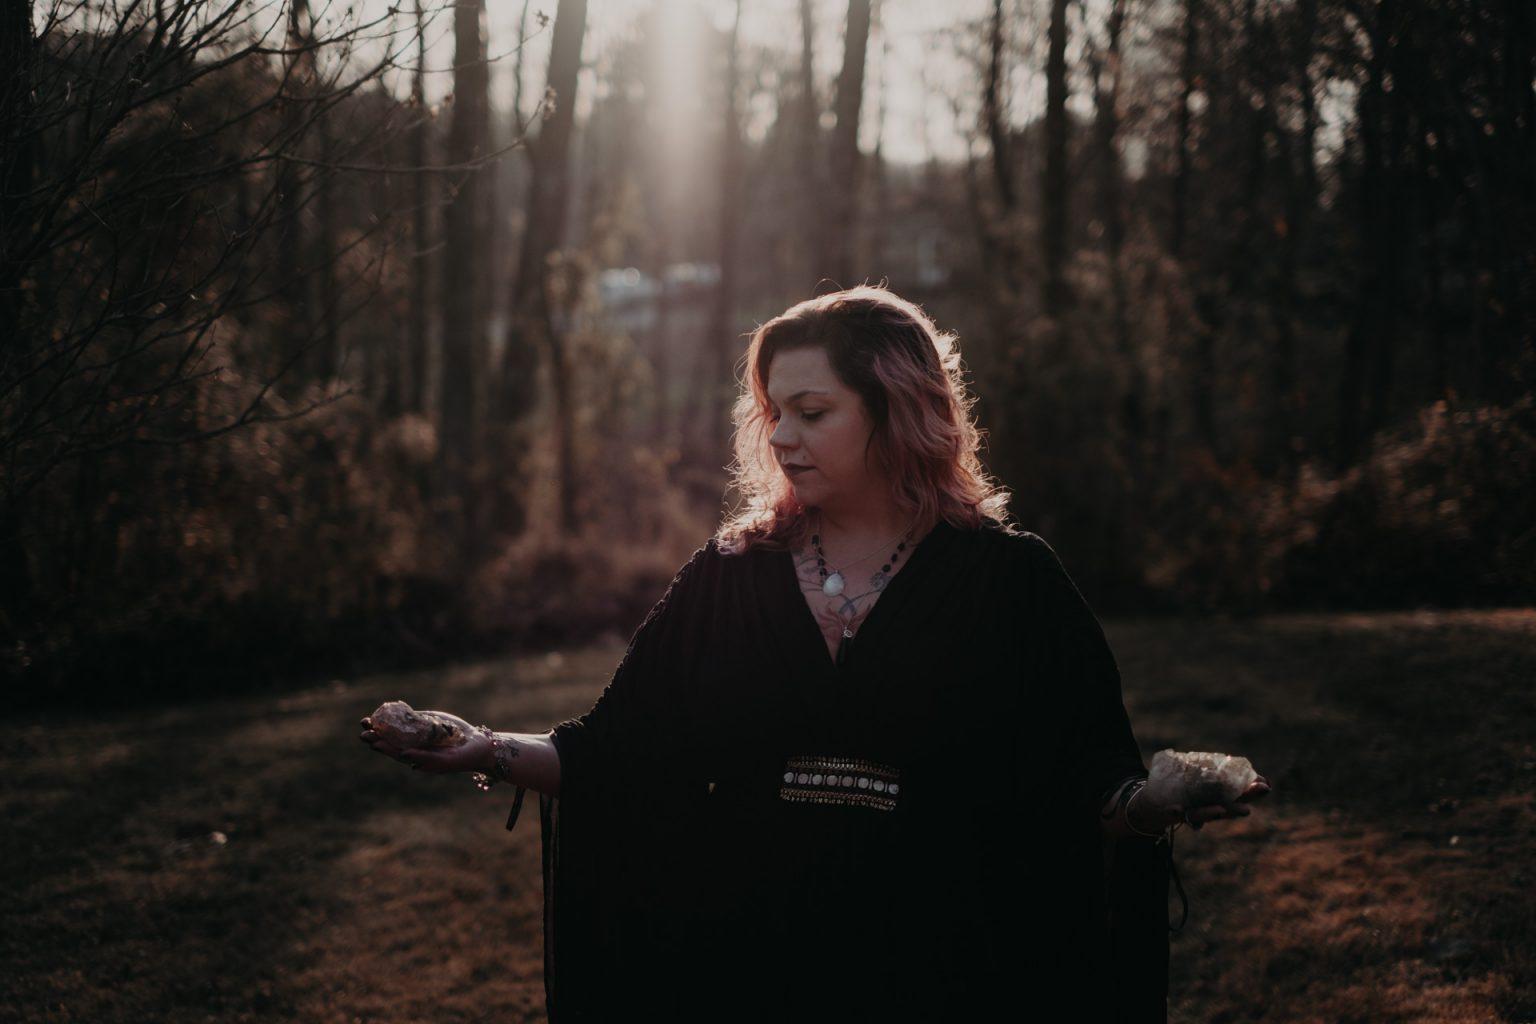 portrait of woman in woods